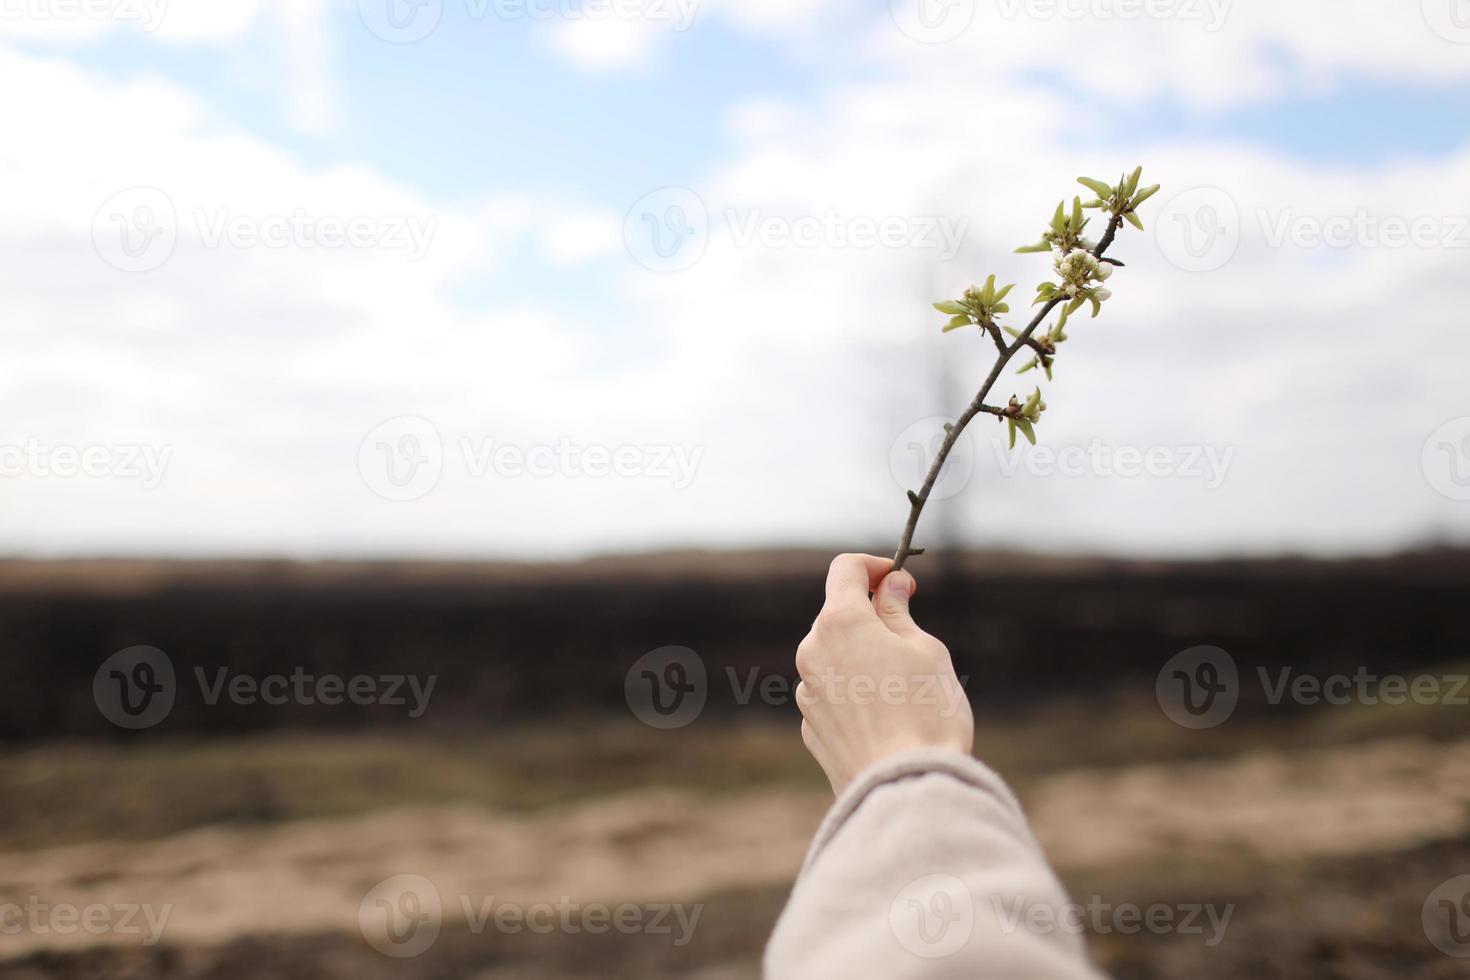 vrouwelijke hand houdt een groen takje op een achtergrond van verbrand gras en lucht. vervuiling en herstel van ecologie foto